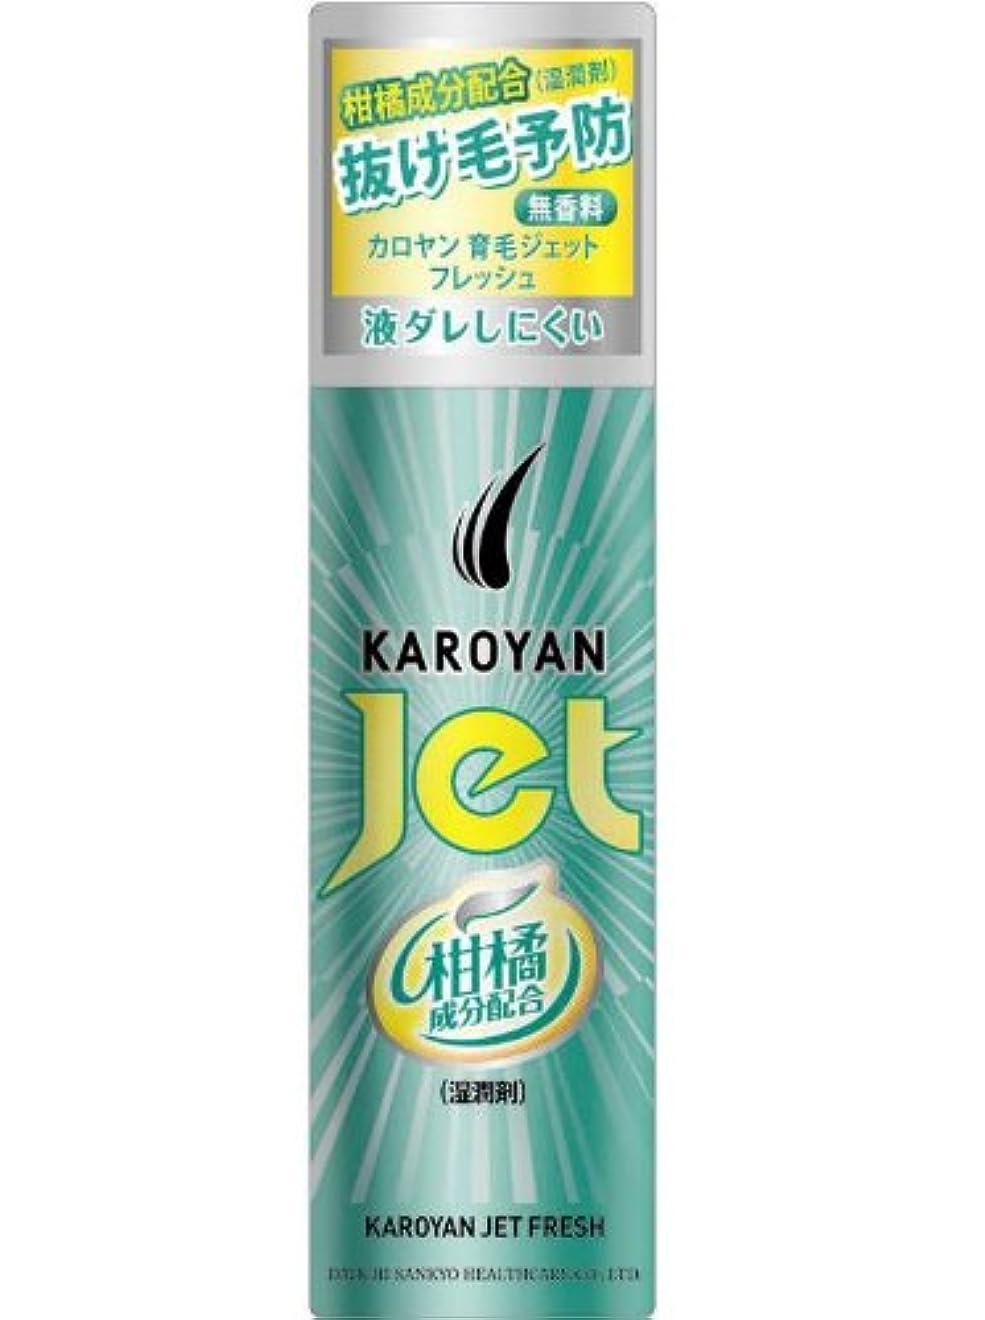 夏変形記事カロヤン ジェット 無香料フレッシュ 185g 【医薬部外品】